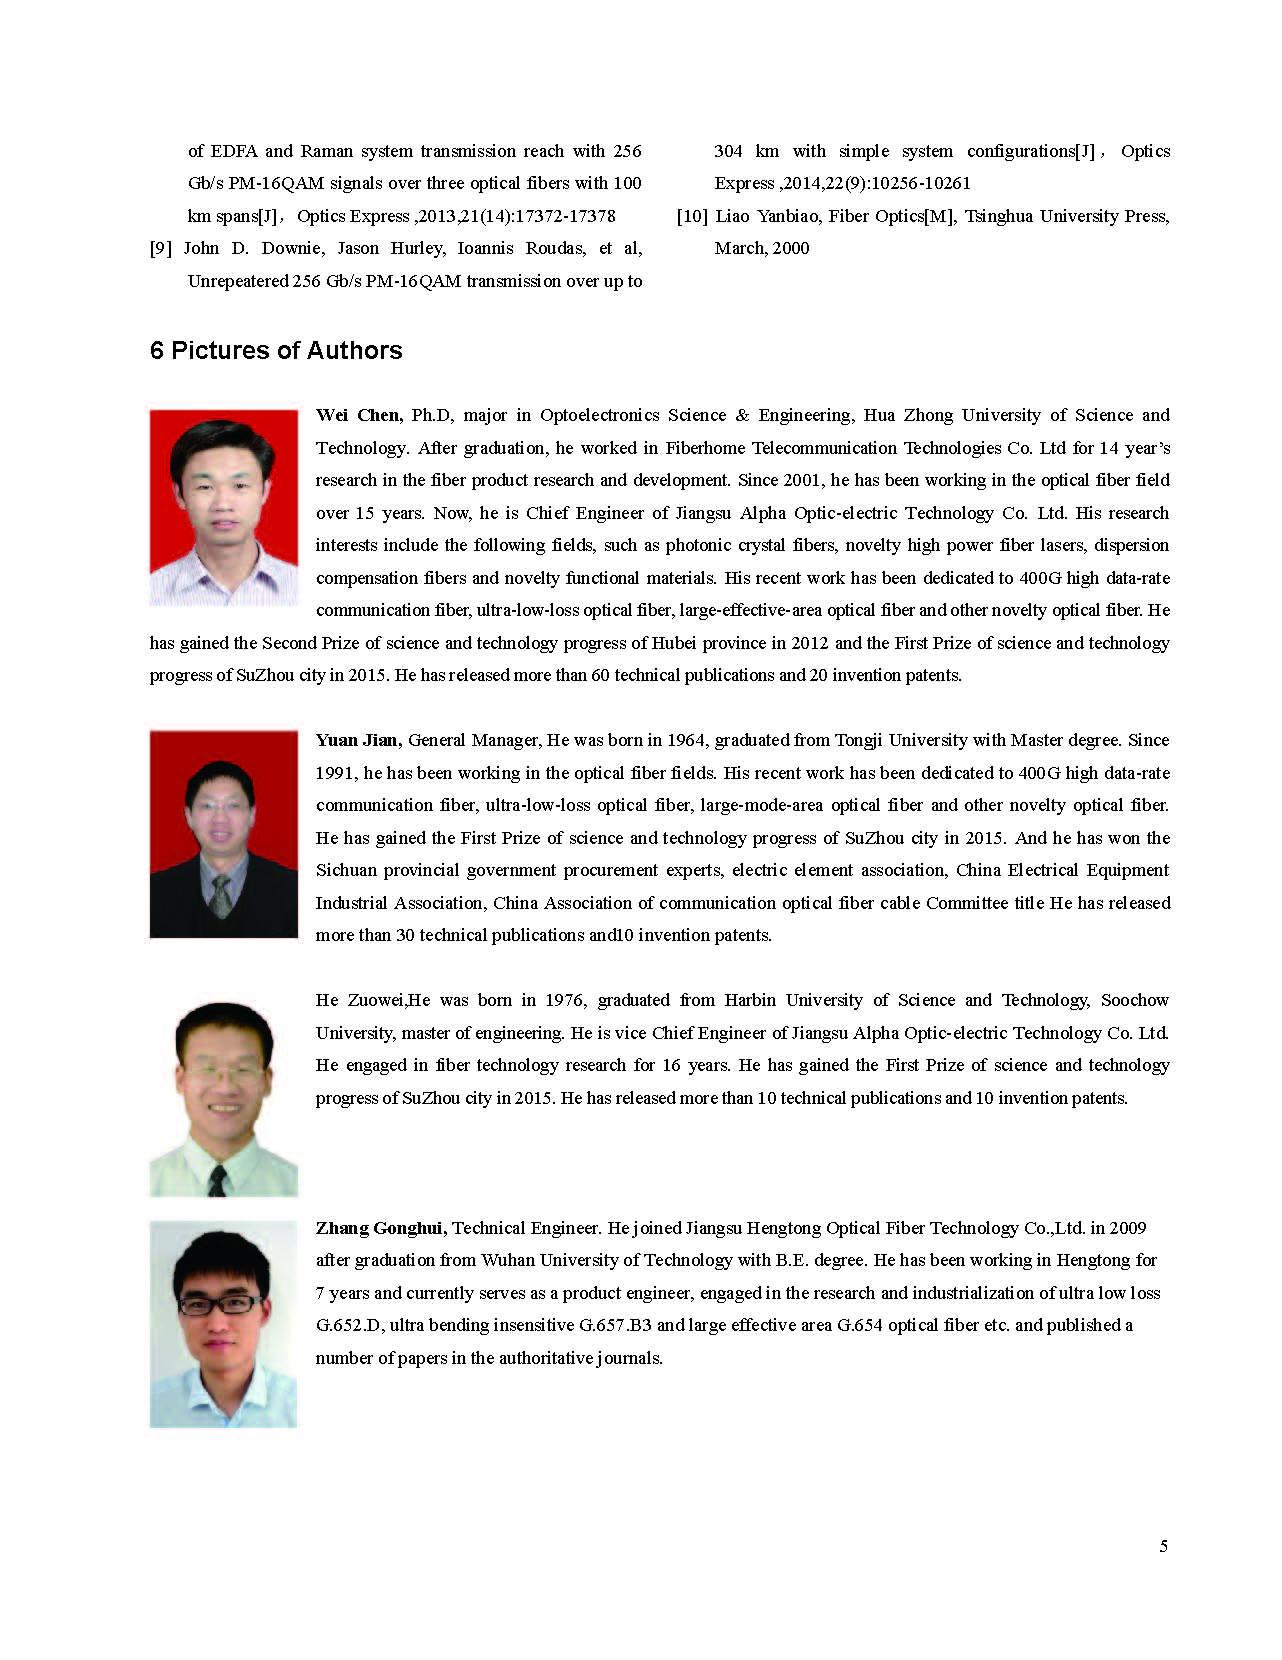 光纤技术文章_页面_5.jpg